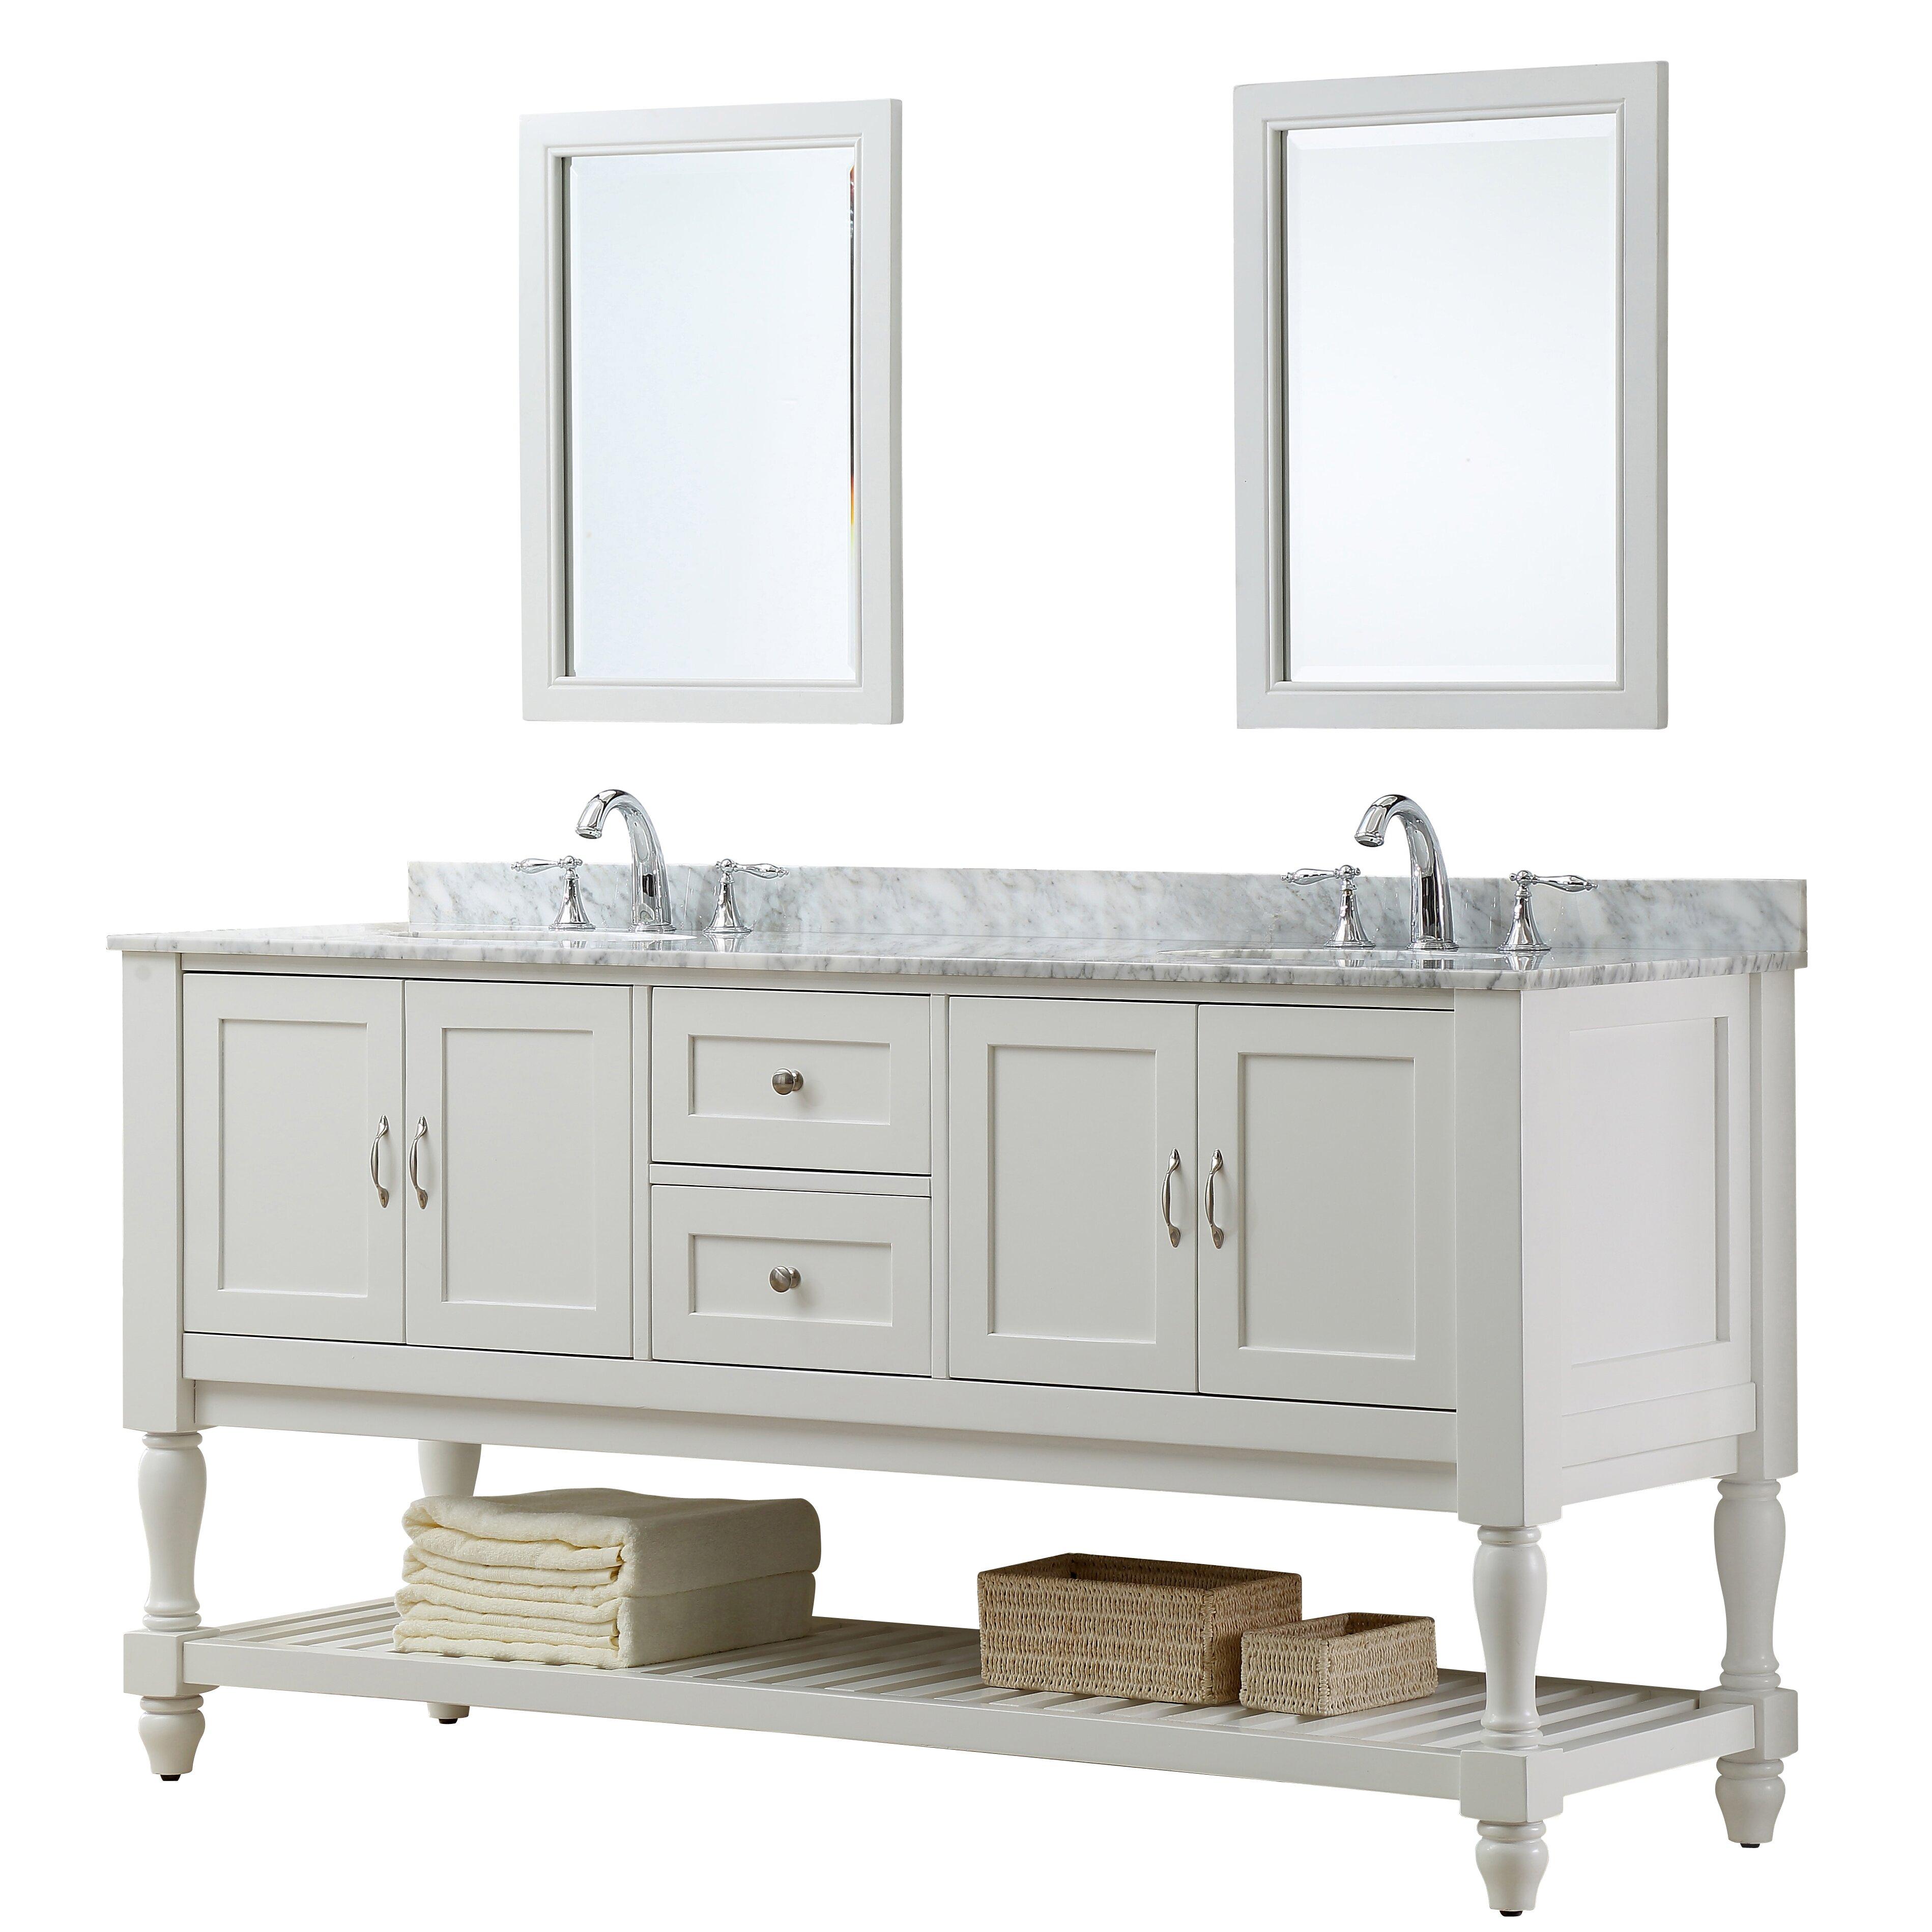 Direct vanity sink mission turnleg 70 double vanity set reviews wayfair for 70 inch bathroom double vanity